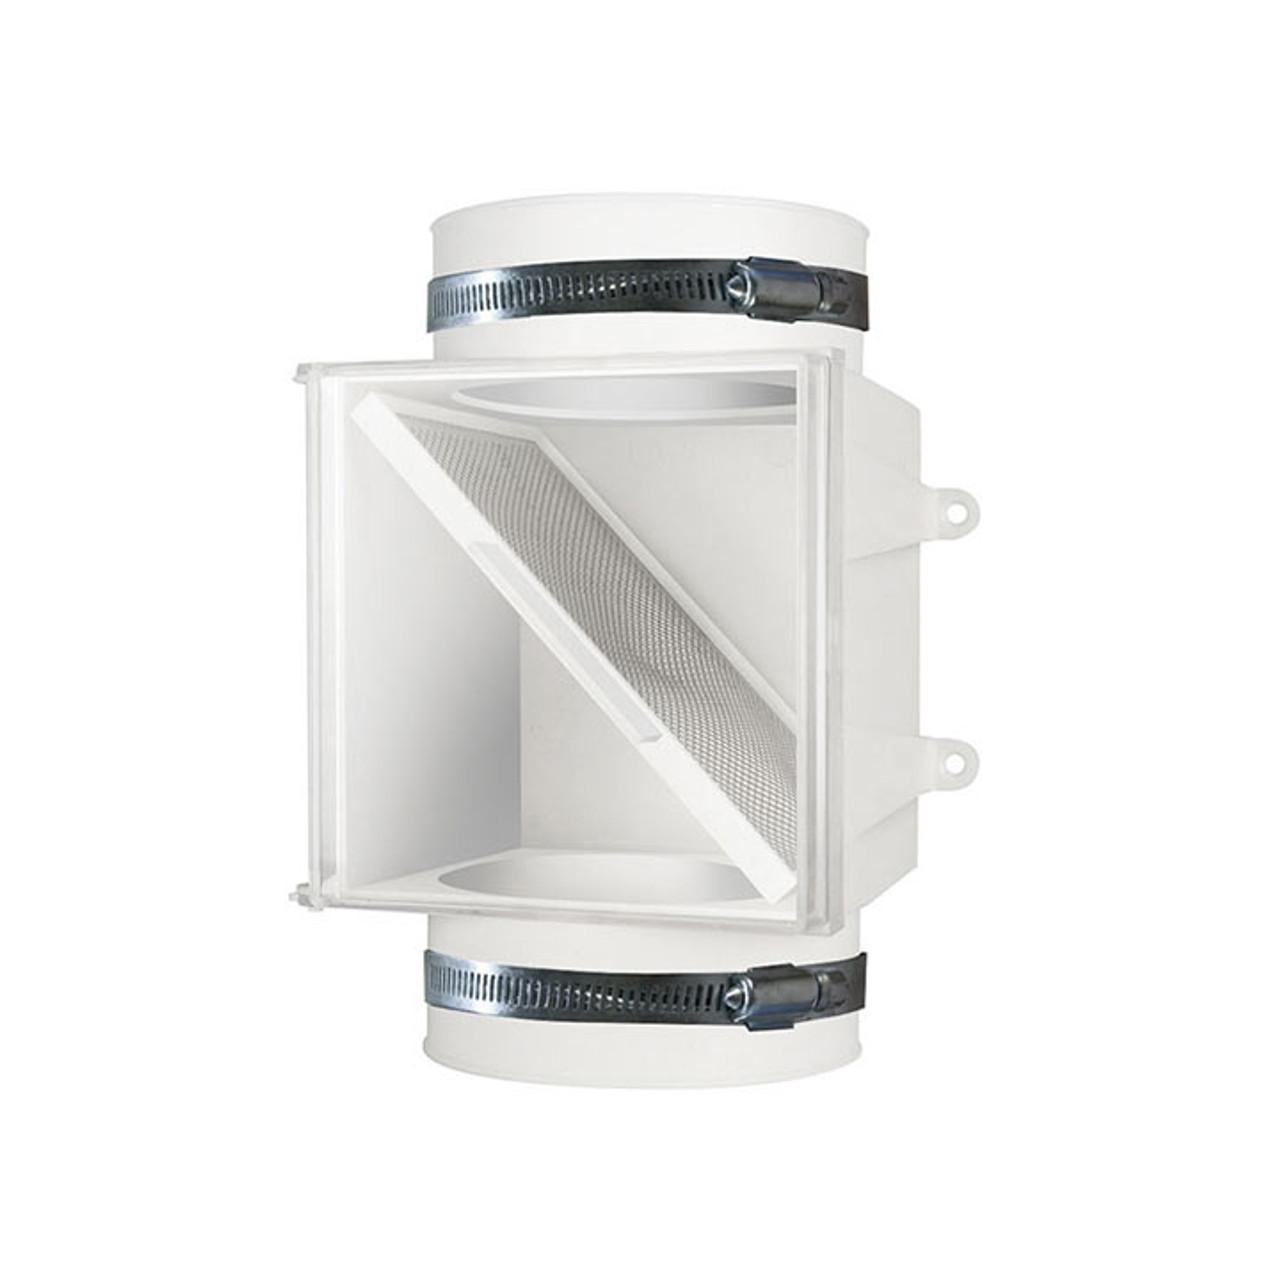 PCLT4WZW Proclean Dryer Duct Lint Trap - Front